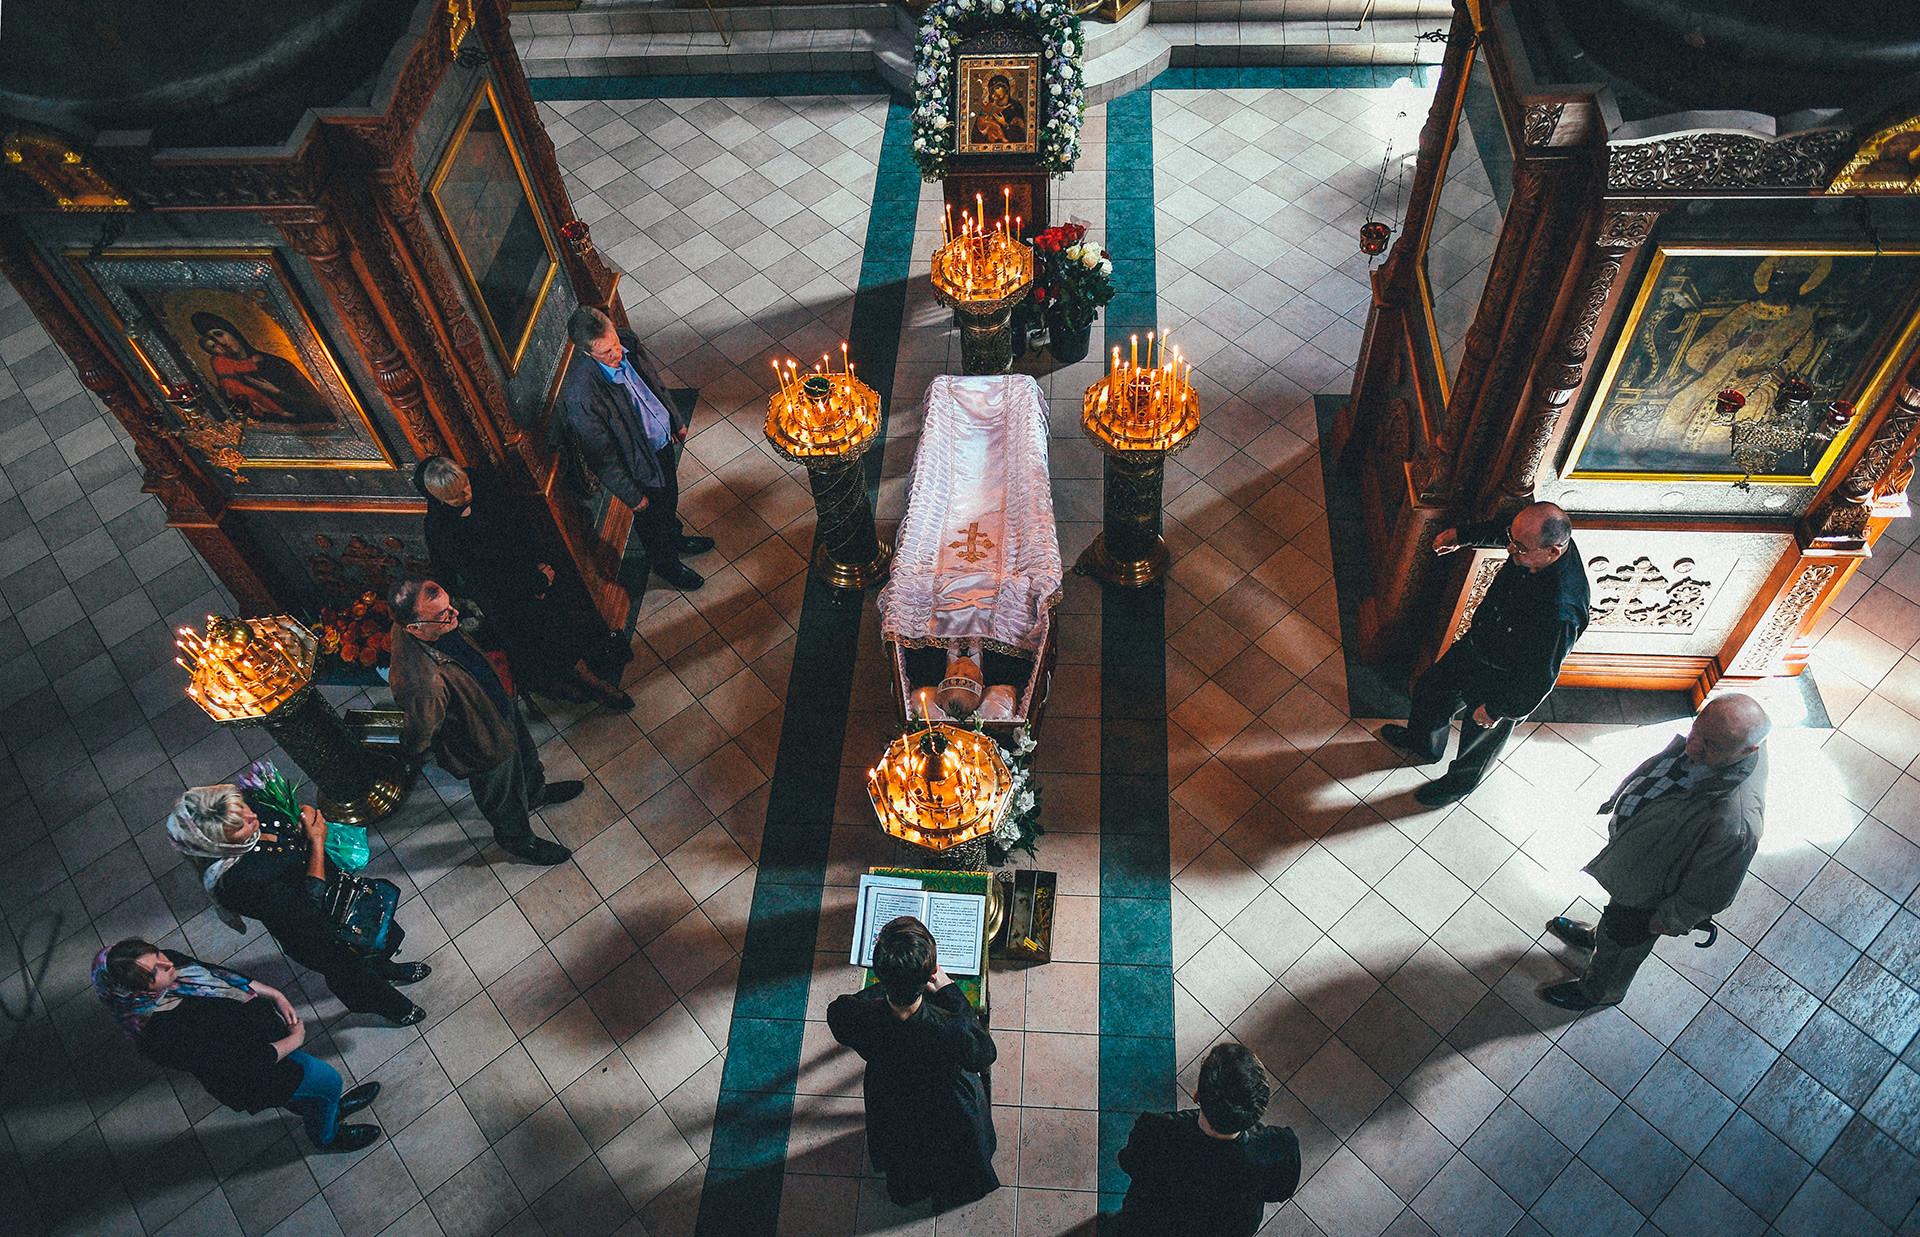 ロシアの教会で行われる葬式